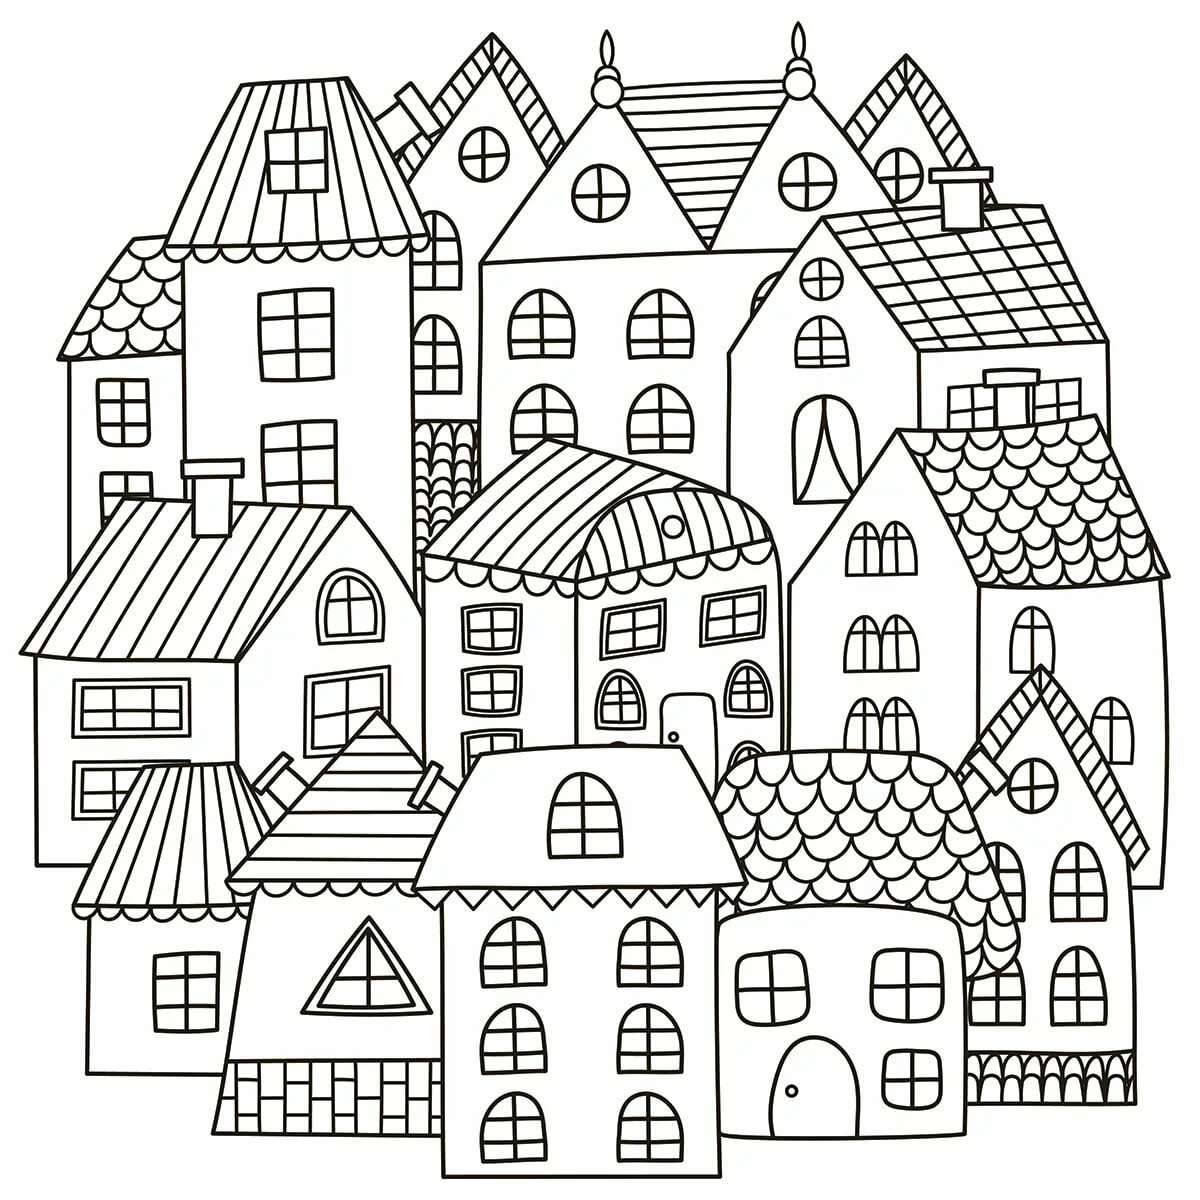 австрийские домики в картинках распечатать граница между